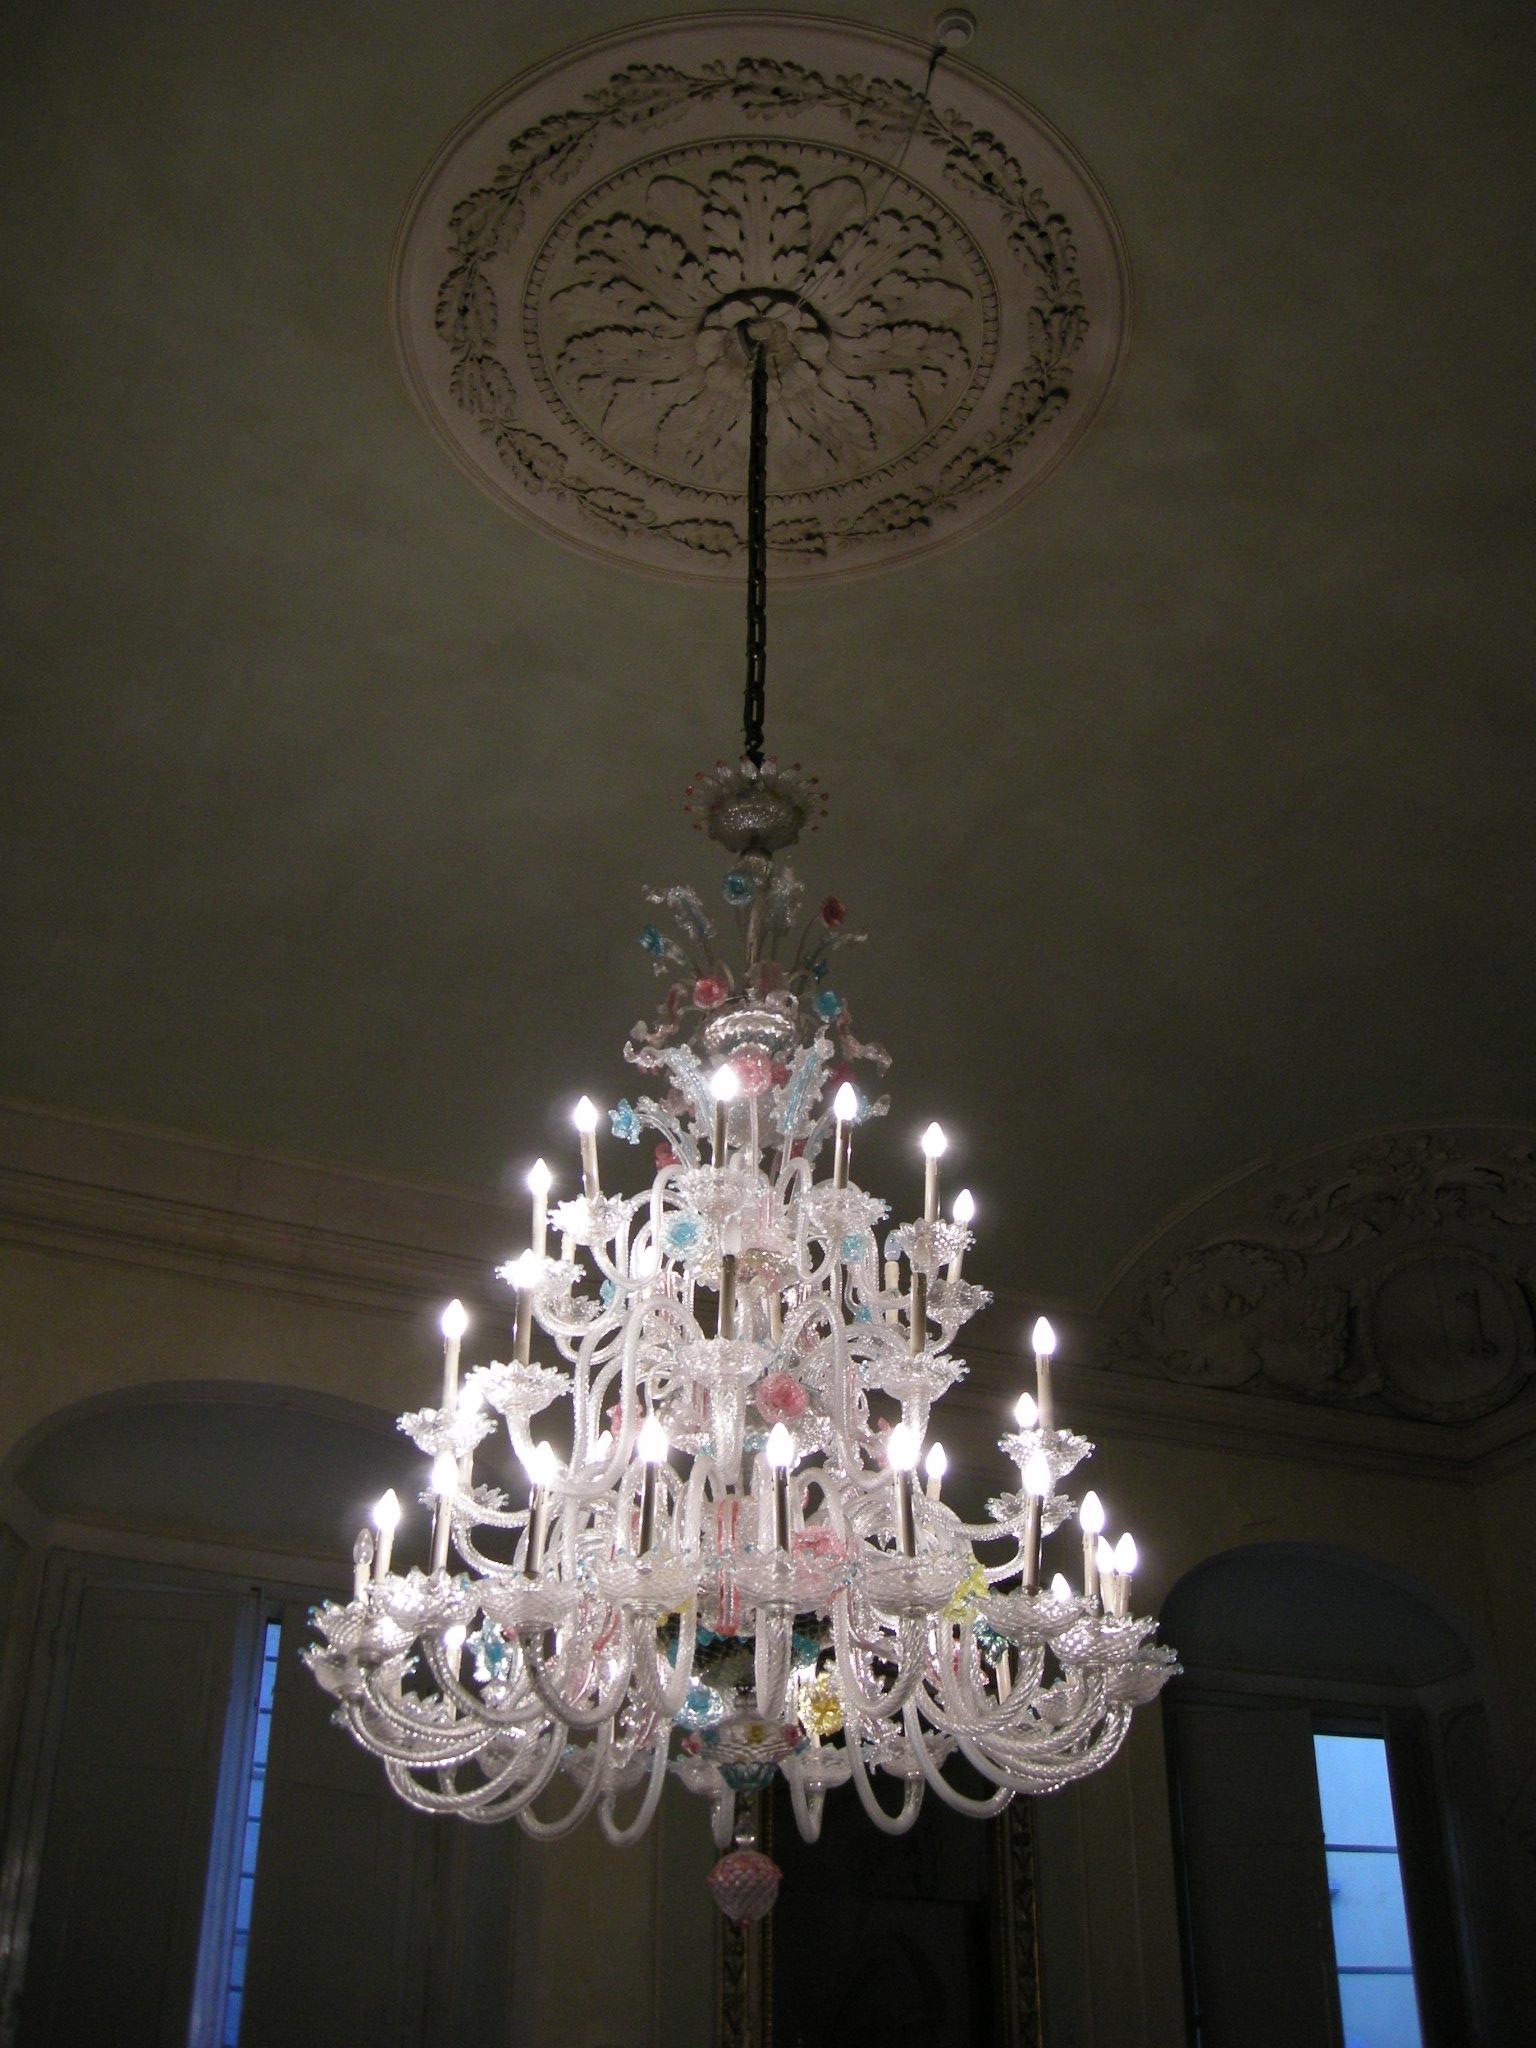 Filepalazzo compagni salone lampadario di murano 01g filepalazzo compagni salone lampadario di murano 01g arubaitofo Gallery